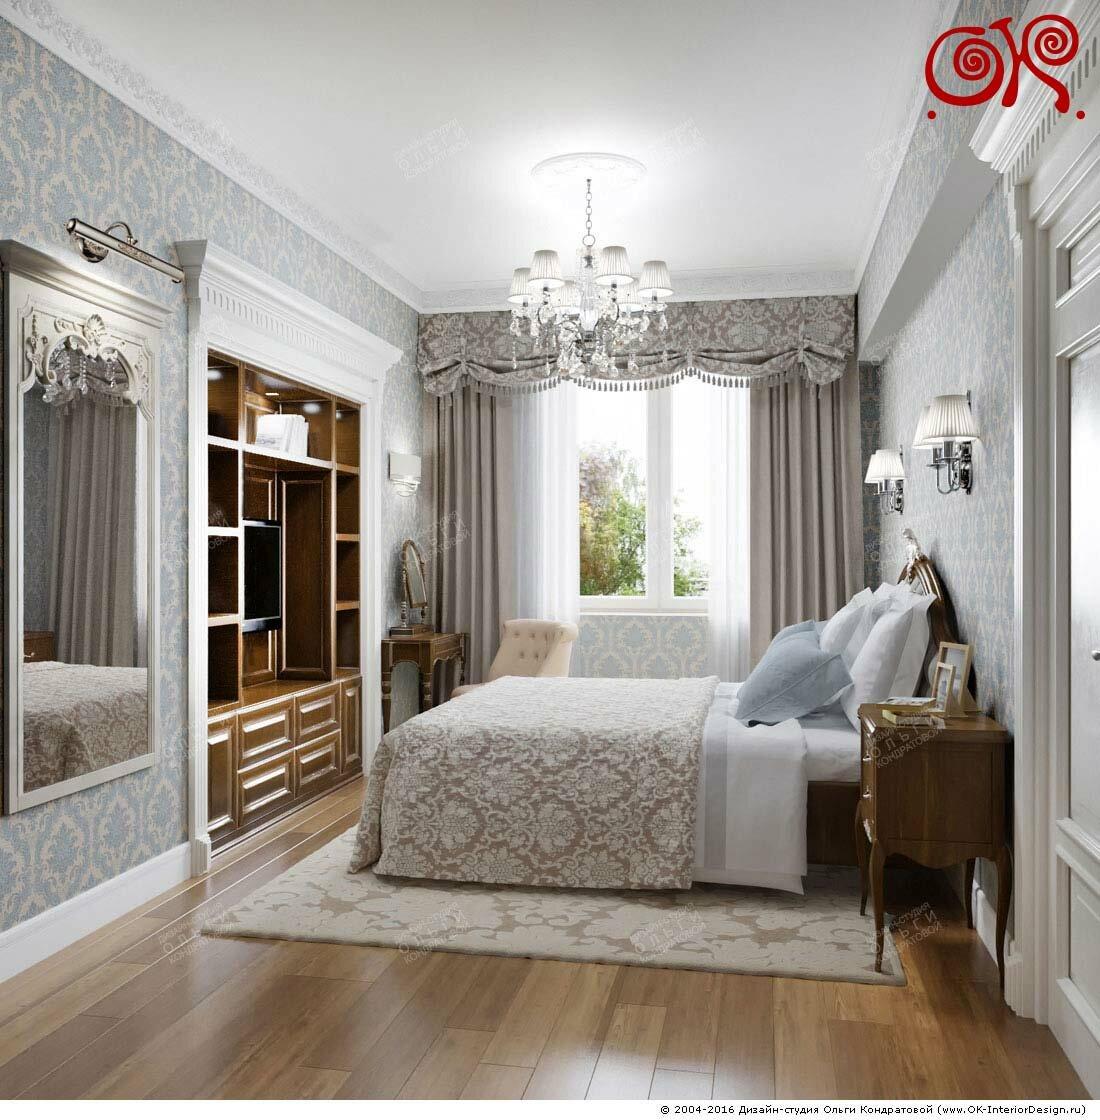 современные спальни дизайн: Современный дизайн интерьера спальни. 15 идей и фото 2017